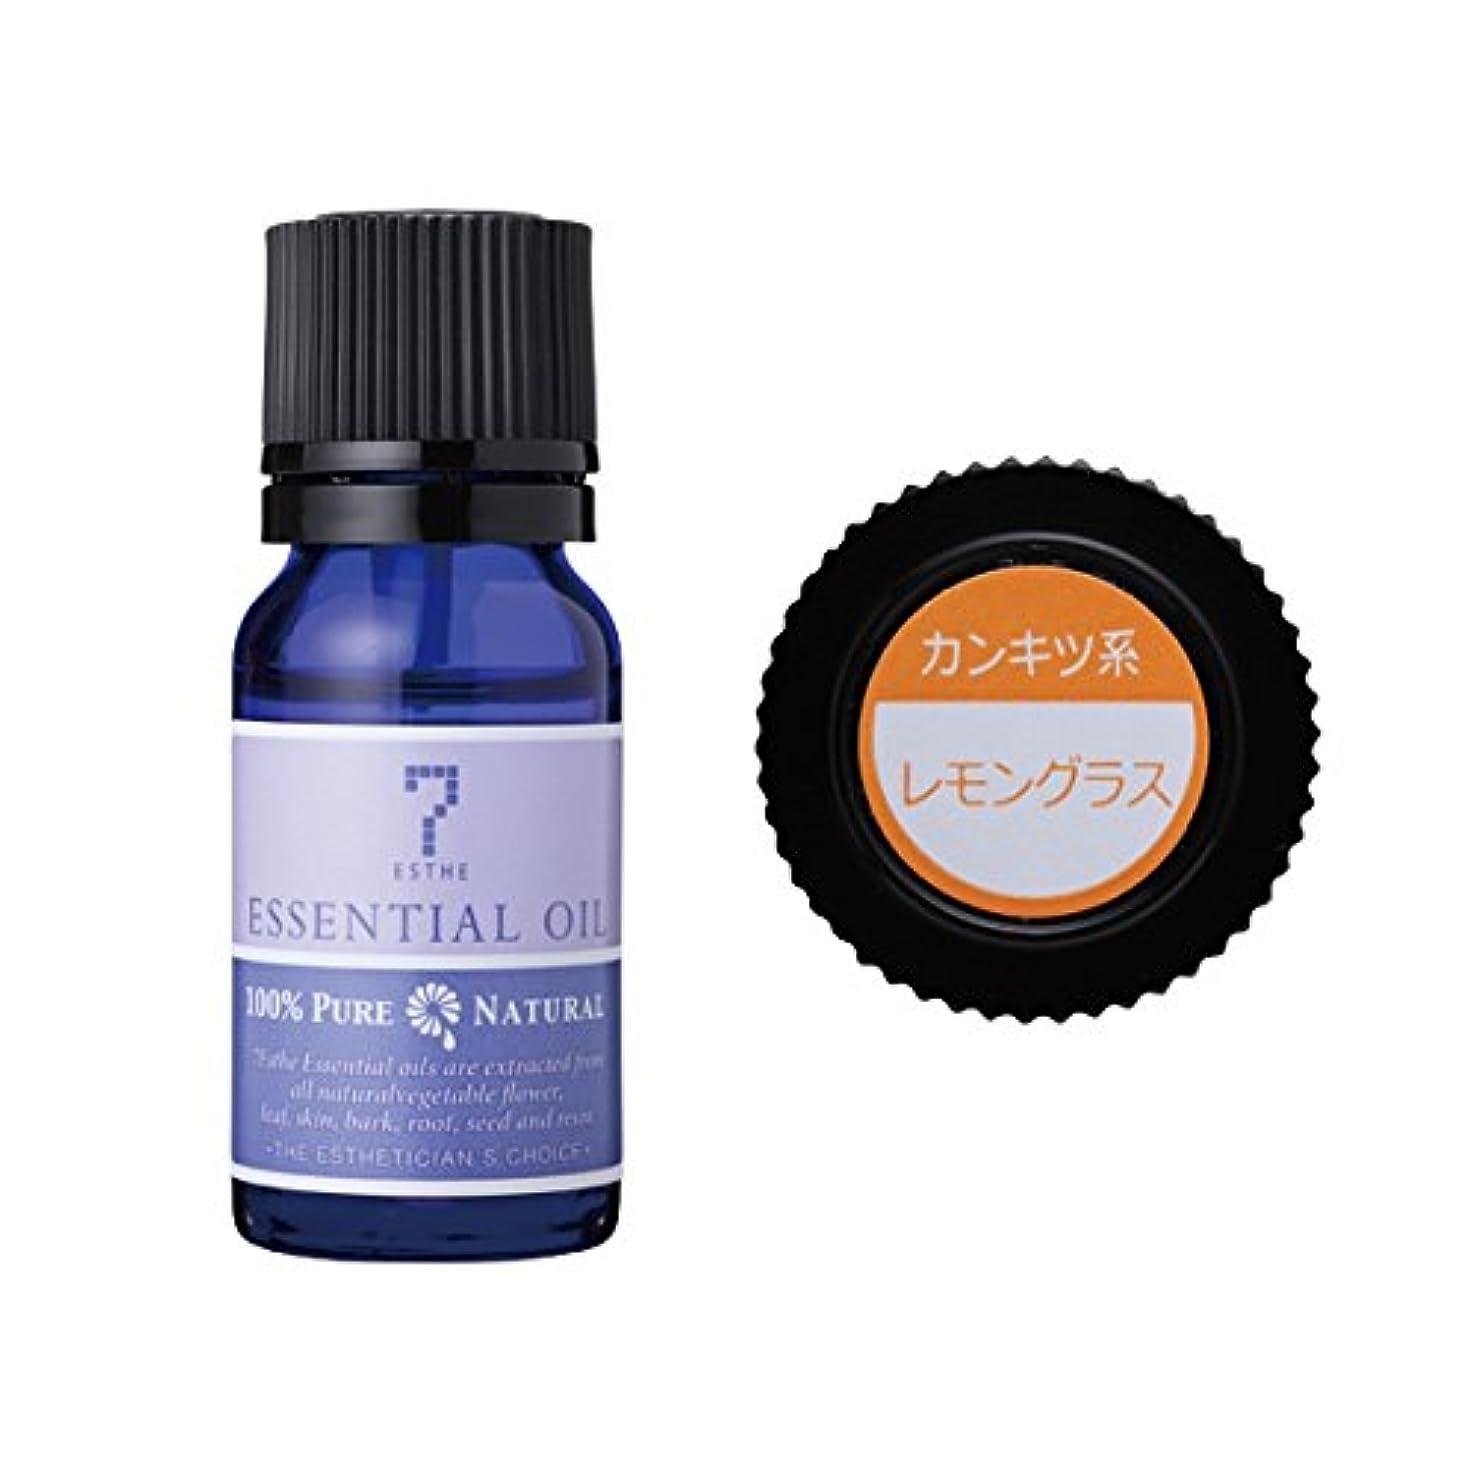 栄養側溝影響力のある7エステ エッセンシャルオイル レモングラス 10ml アロマオイル 精油